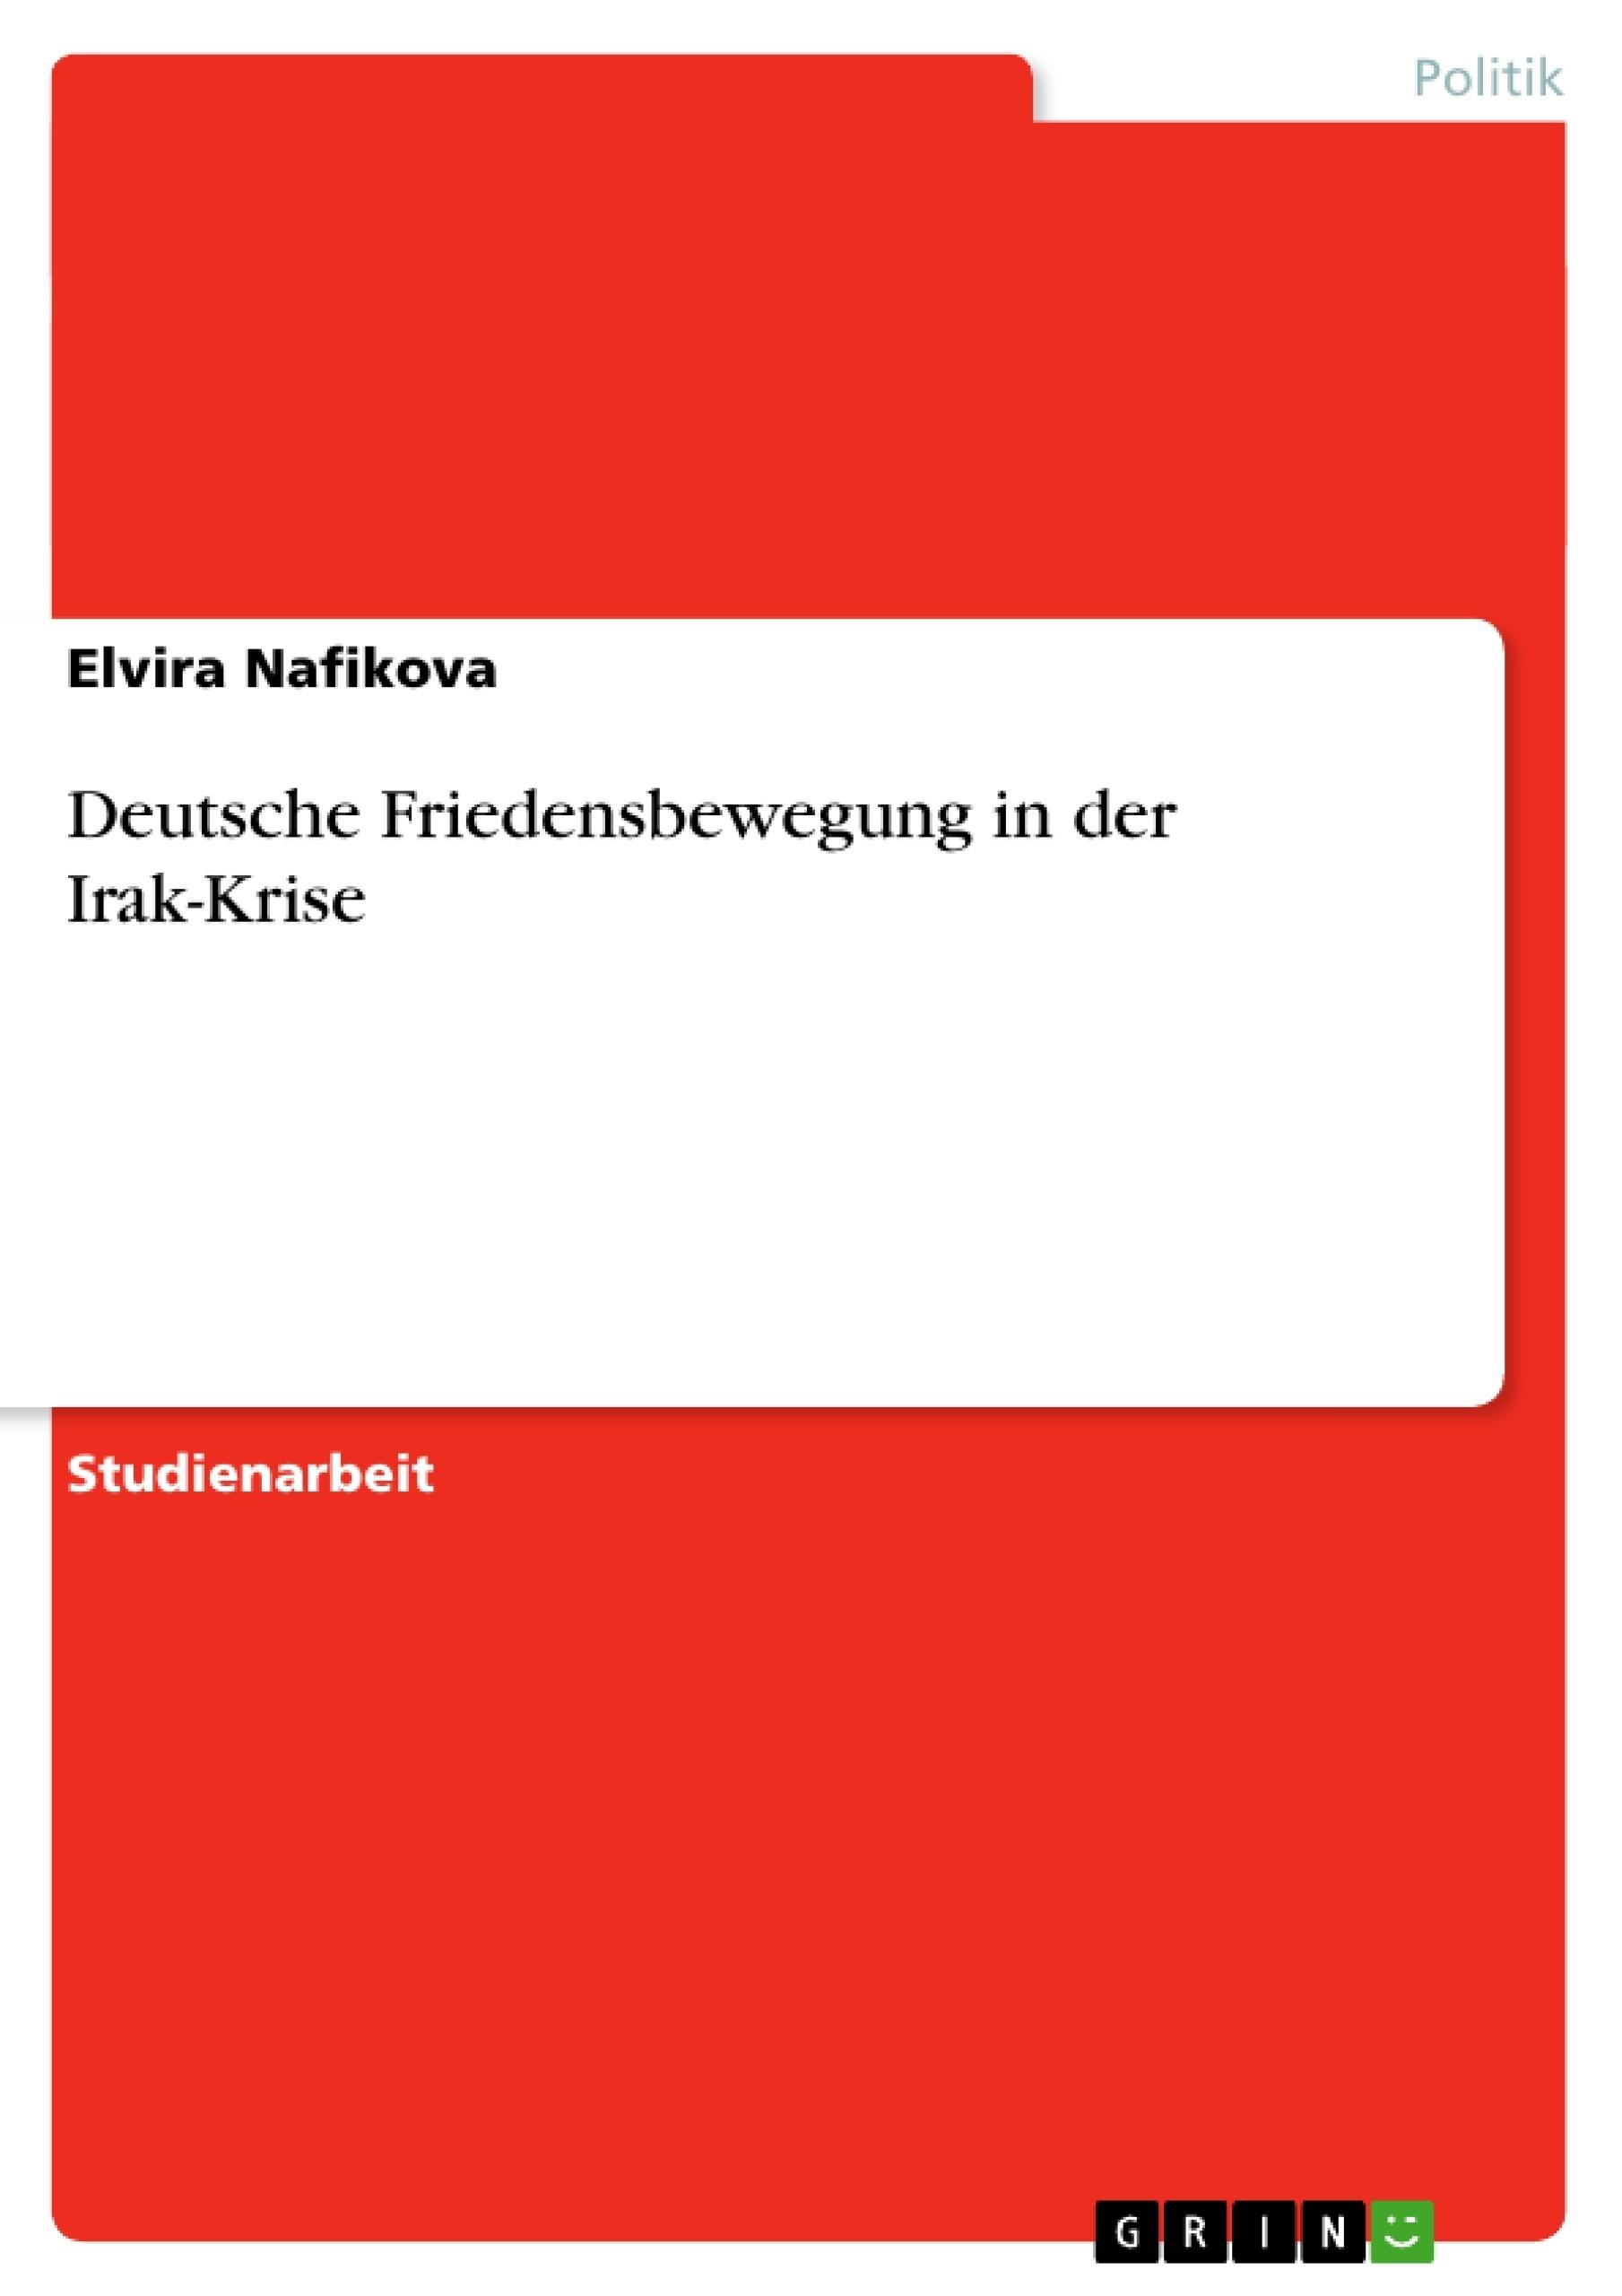 Titel: Deutsche Friedensbewegung in der Irak-Krise